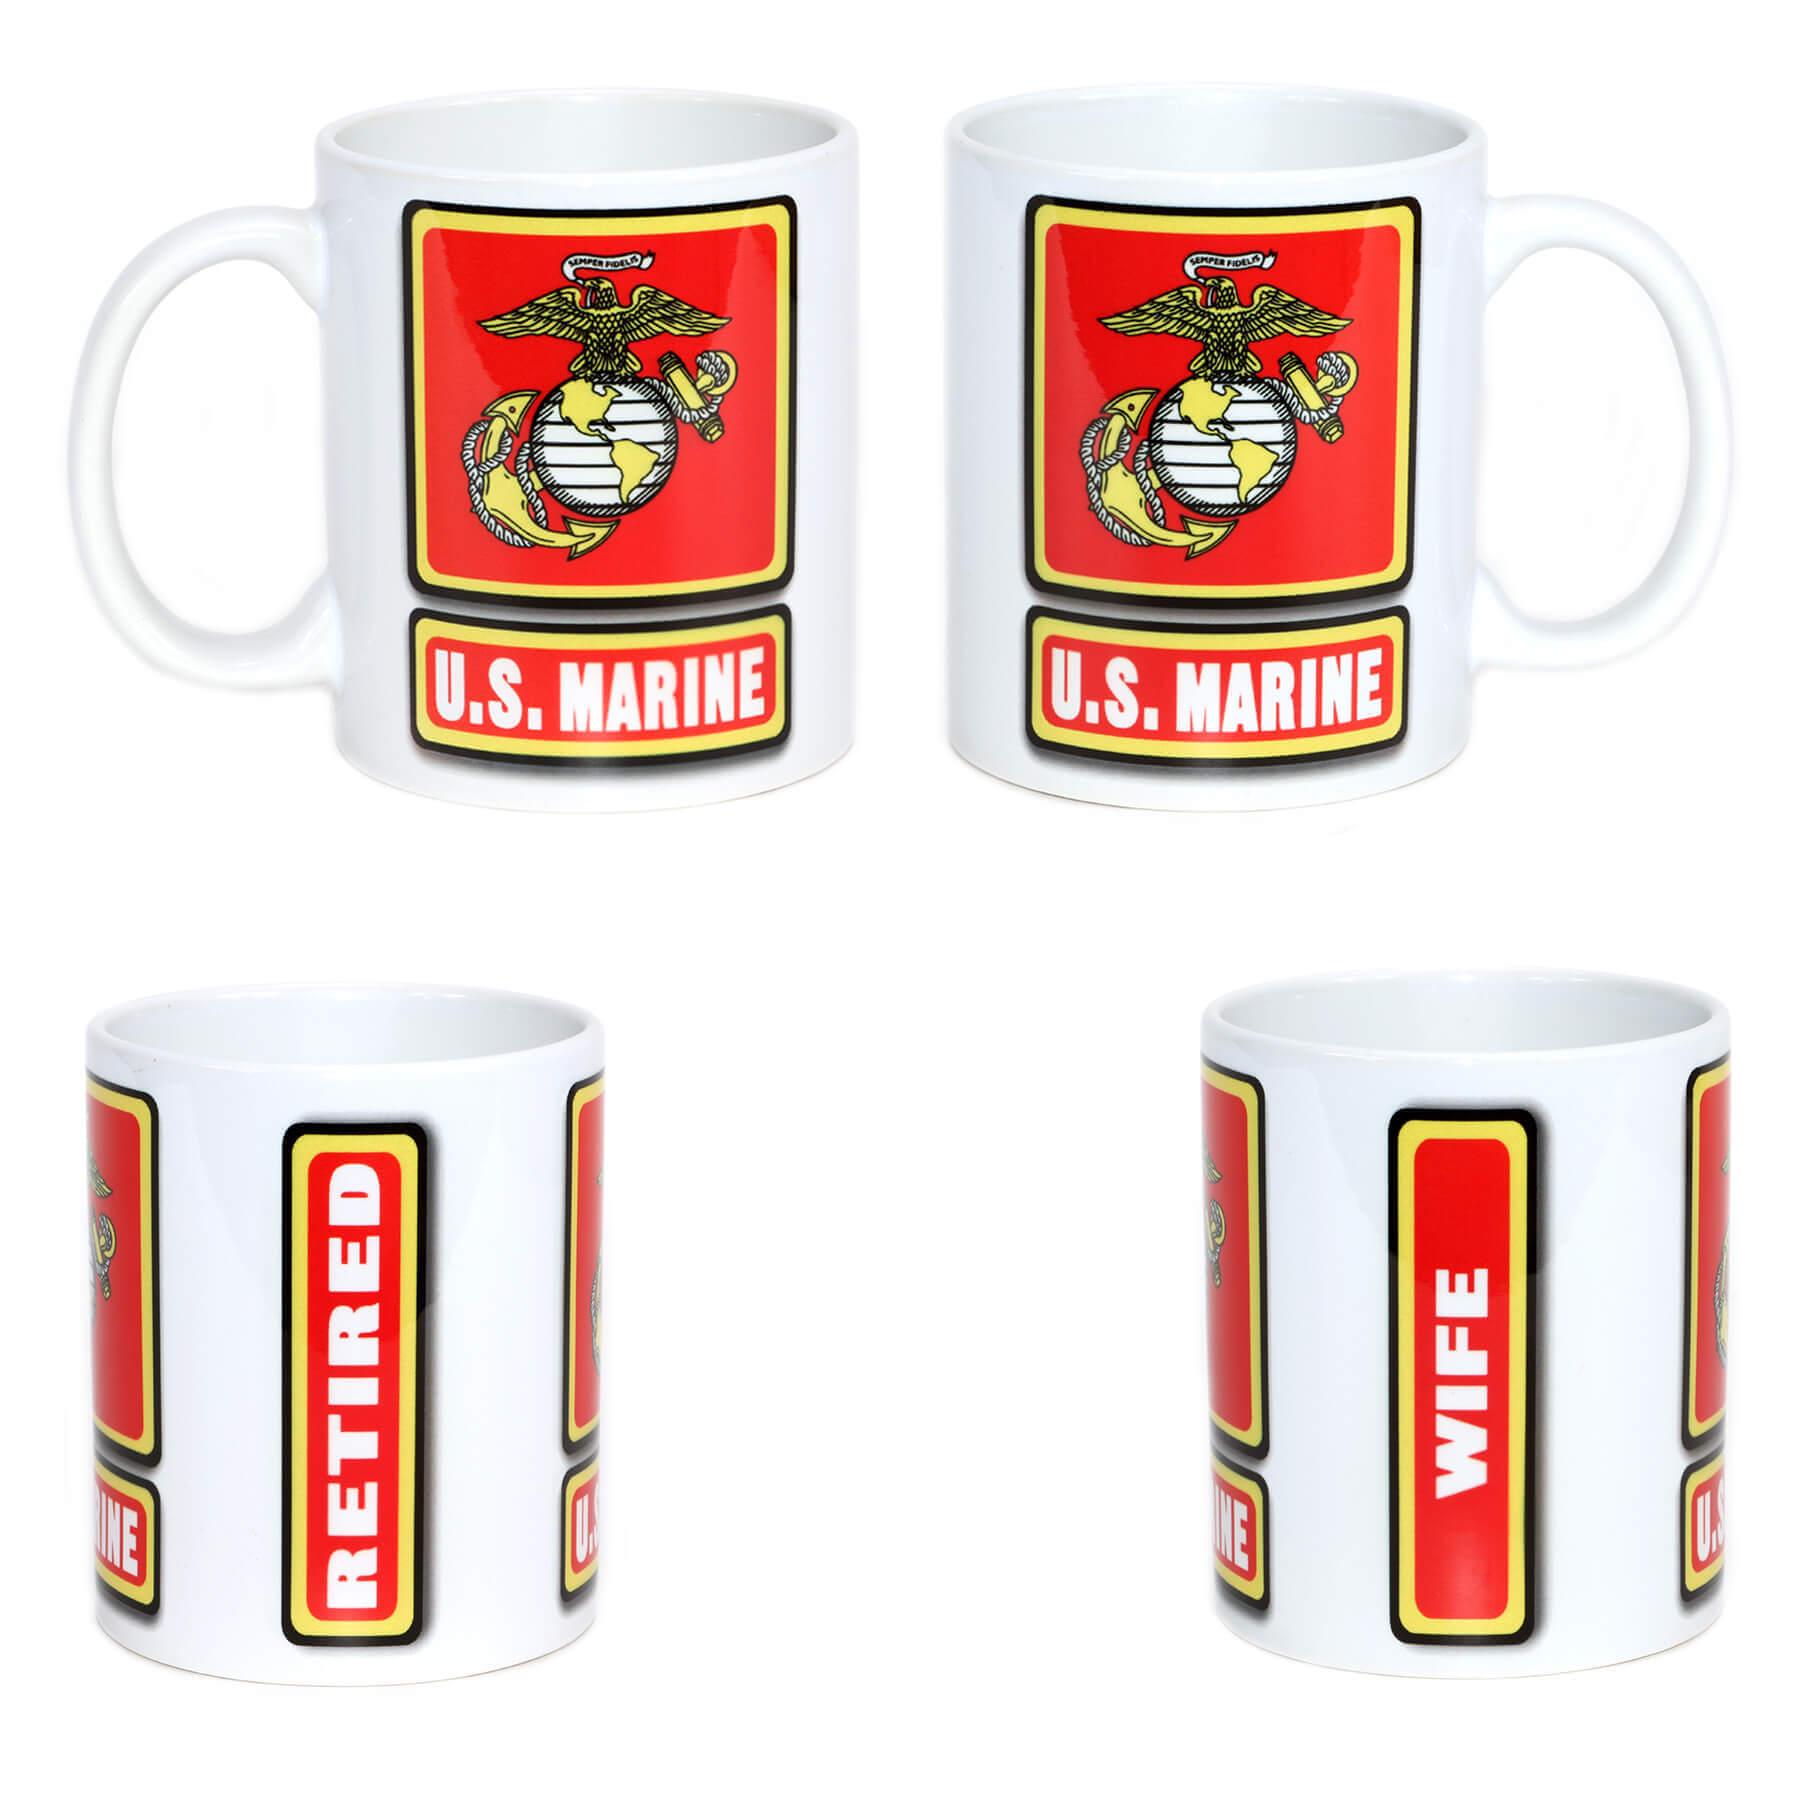 U.S. Marine Mug